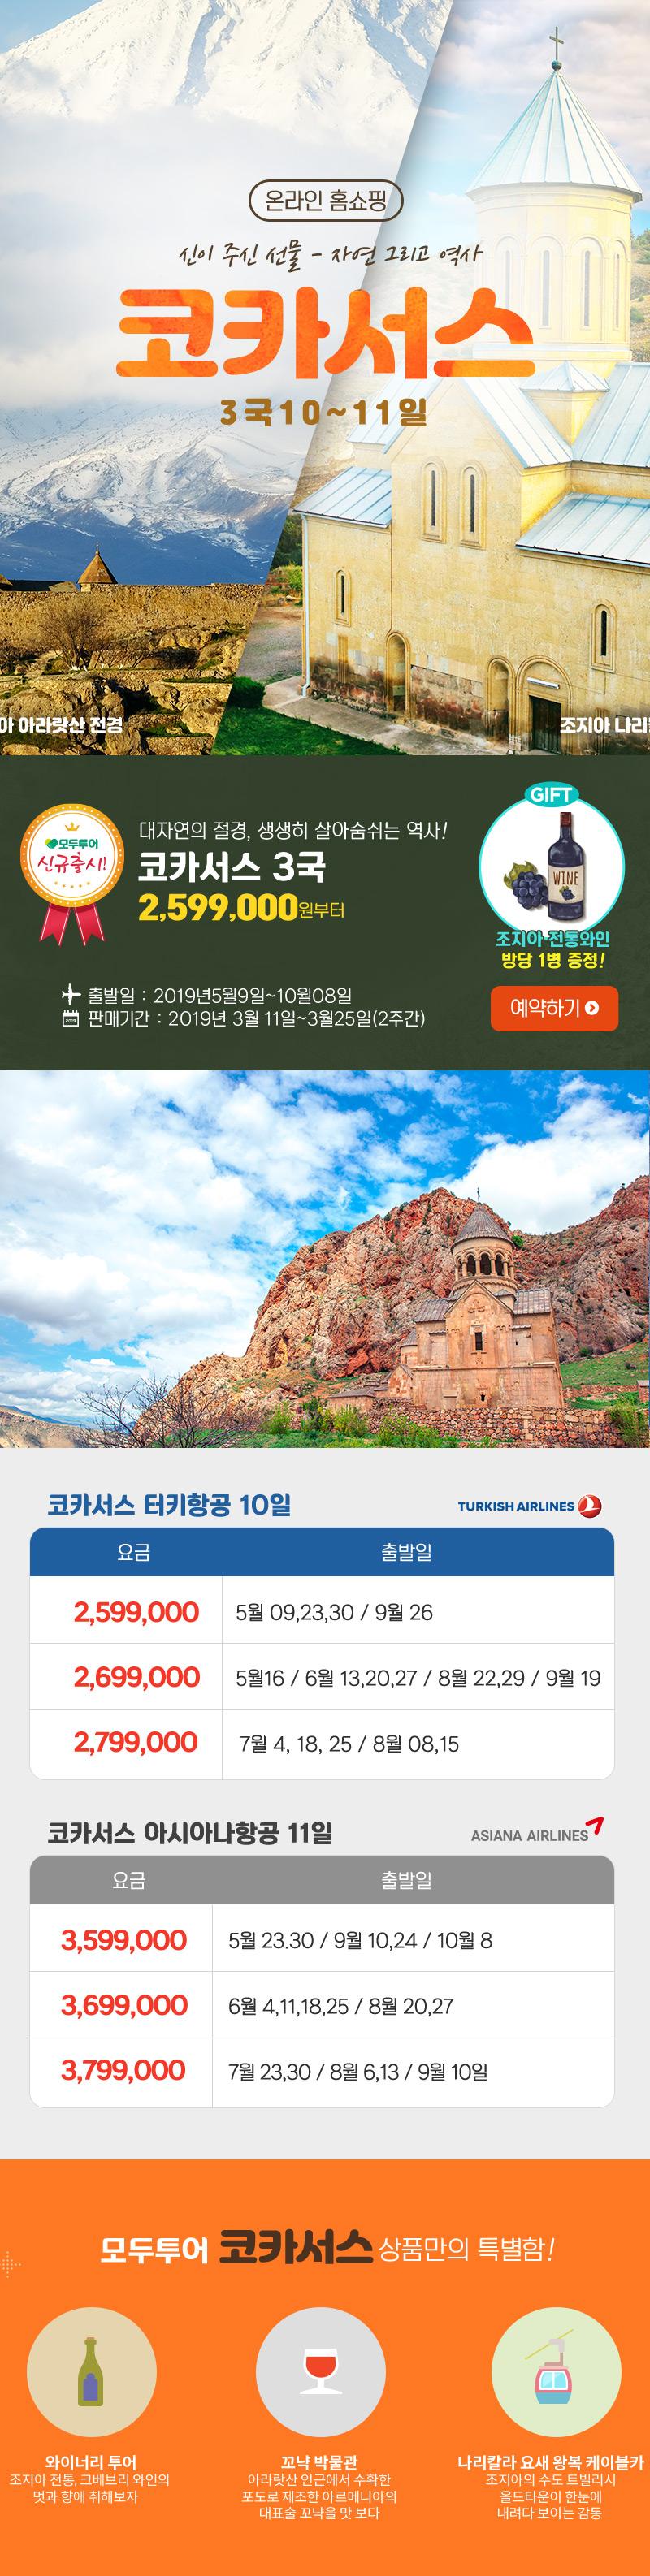 신이주신 선물-자연 그리고 역사 코카서스 3국 10~11일